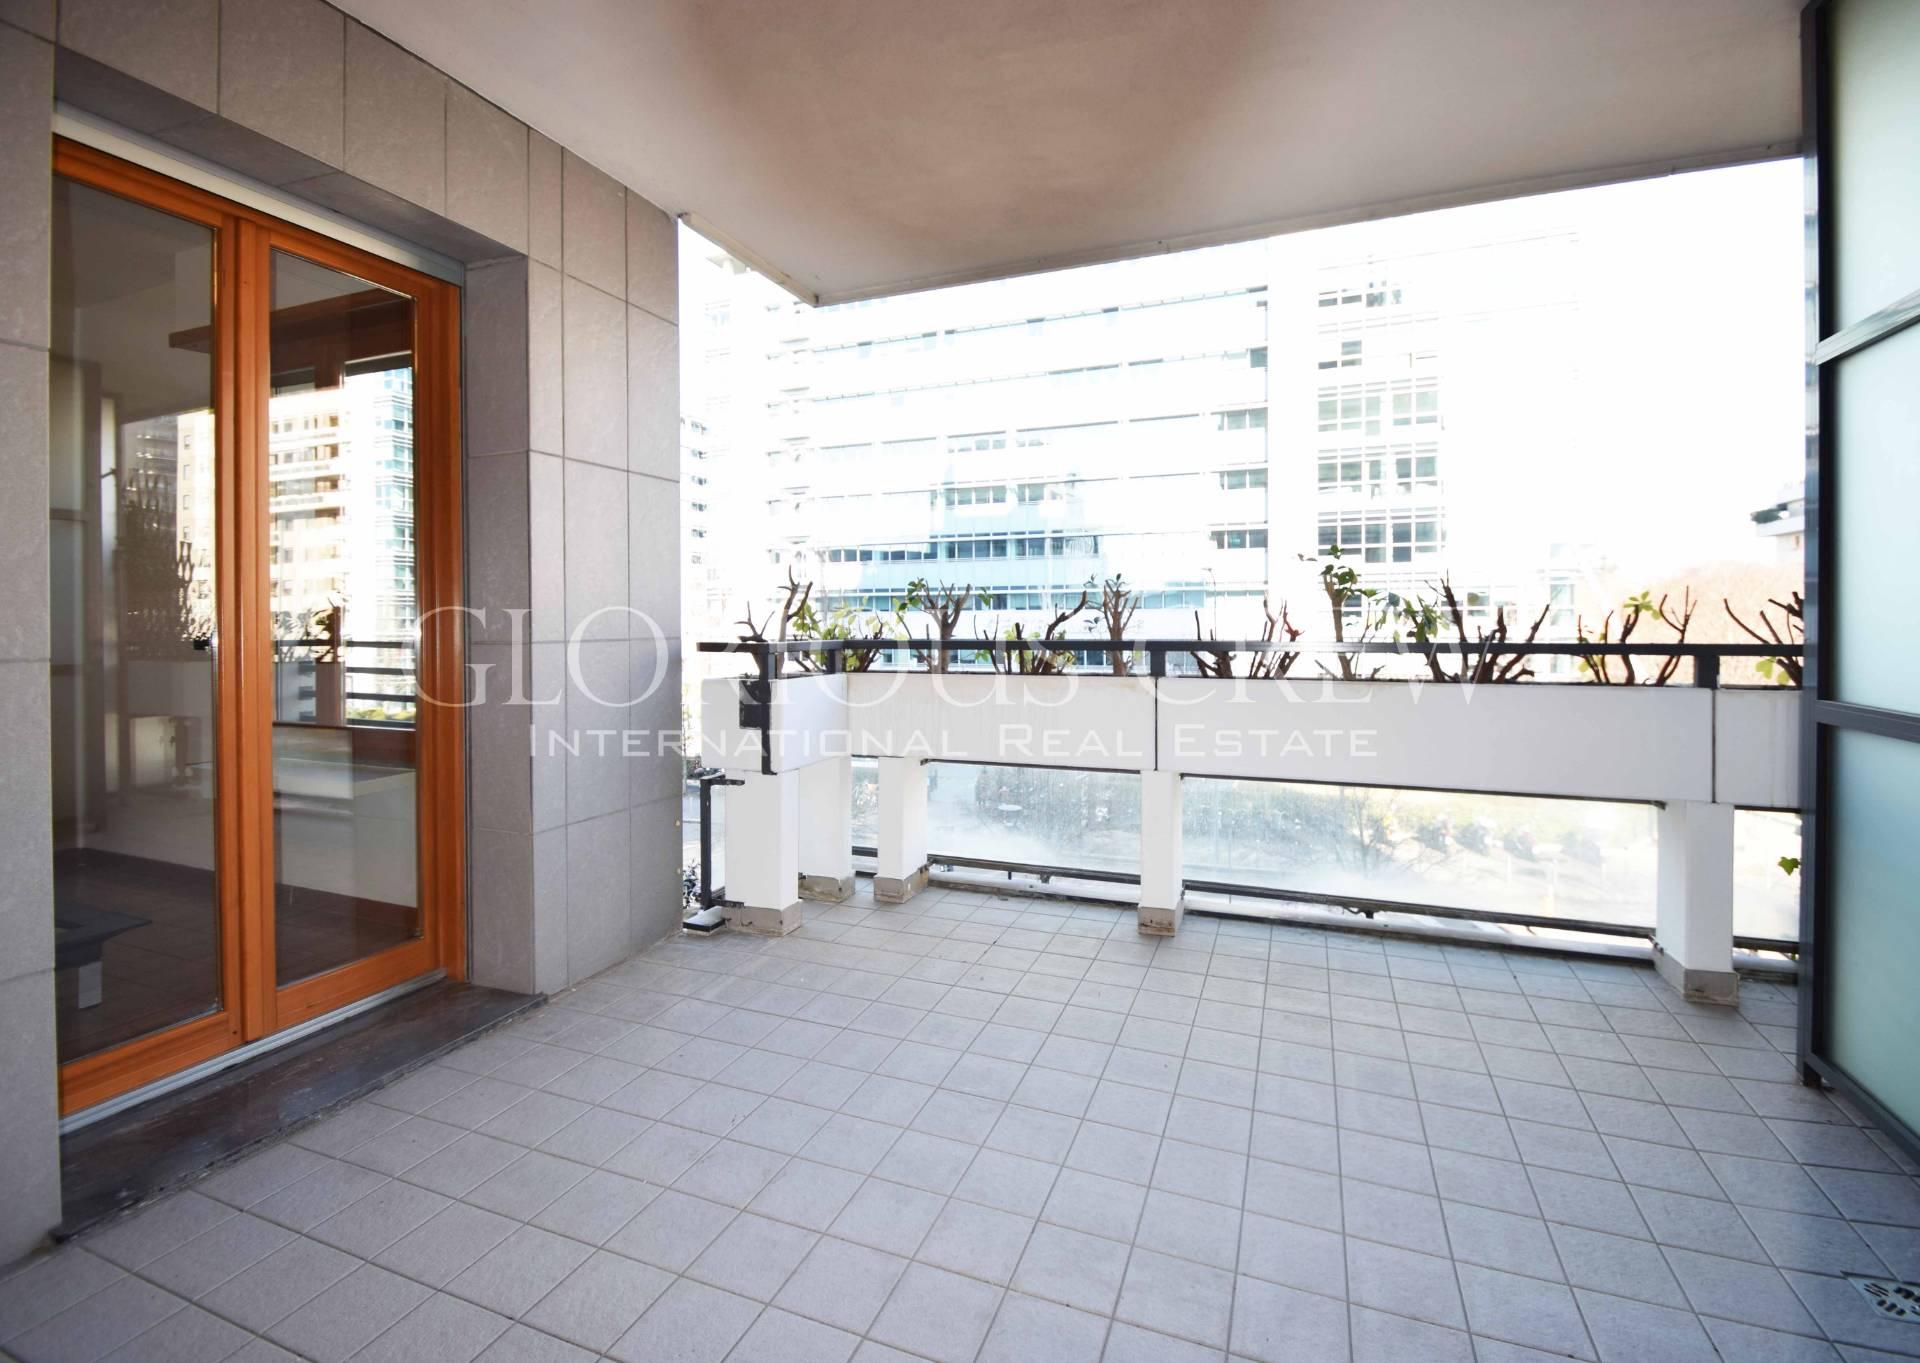 Appartamento in Affitto a Milano 06 Italia / Porta Romana / Bocconi / Lodi:  2 locali, 66 mq  - Foto 1